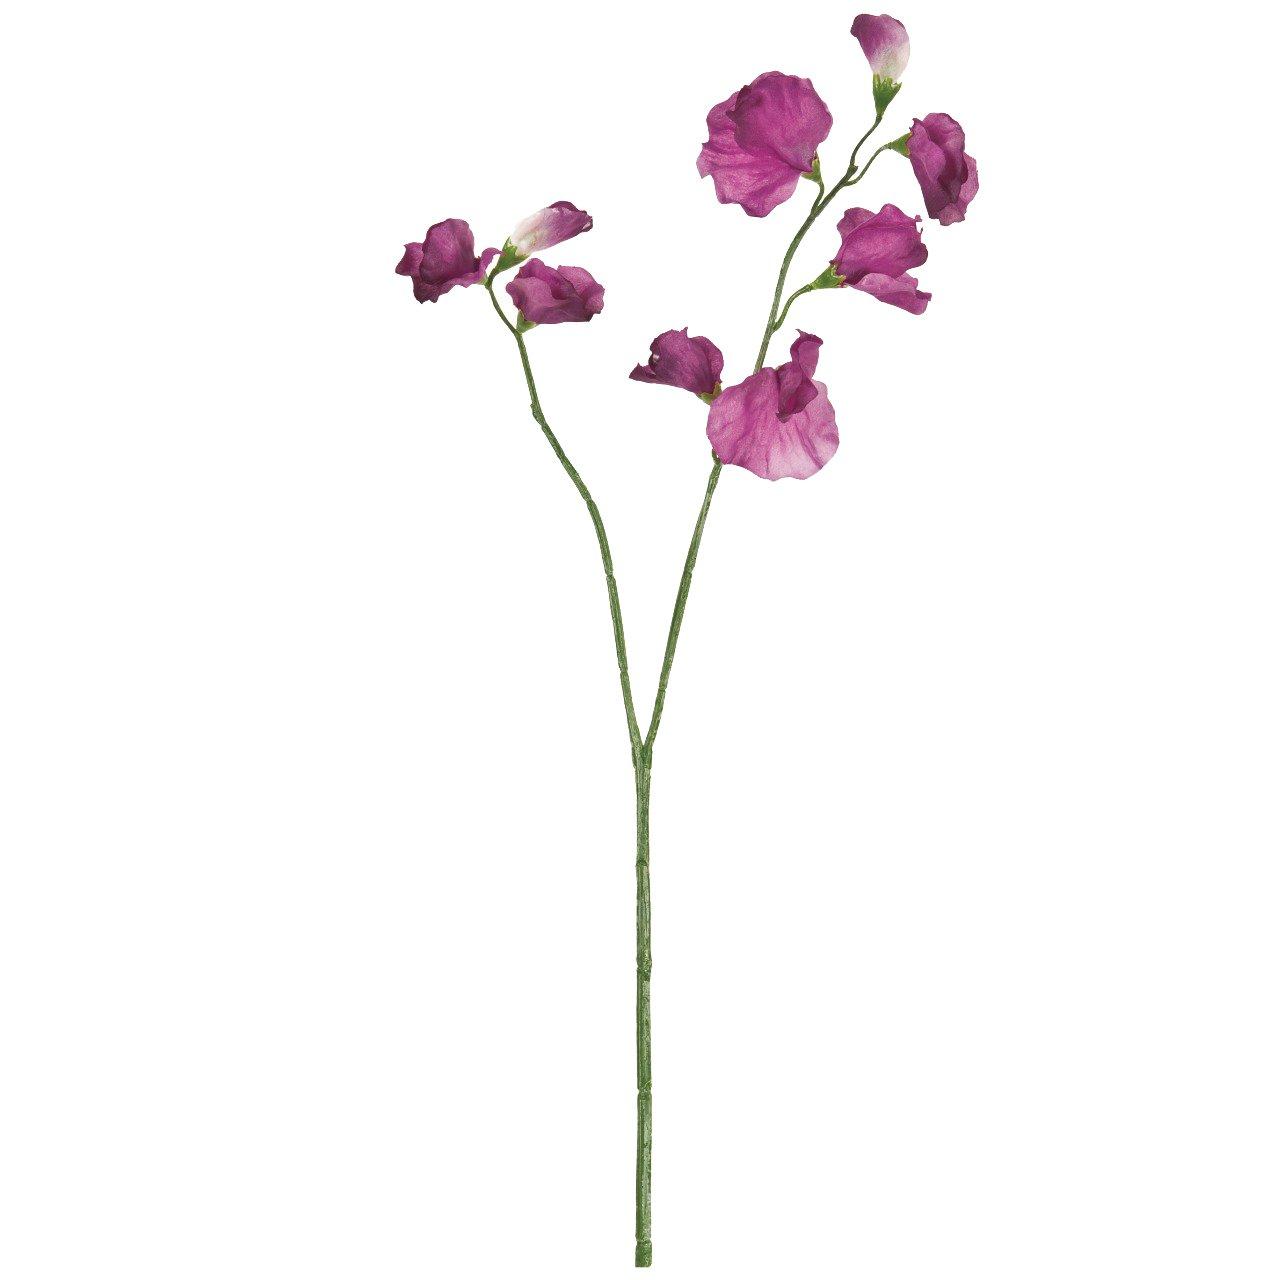 MAGIQ 東京堂 上質な造花 リリックスイトピー パープルオーキッド FM005034-012